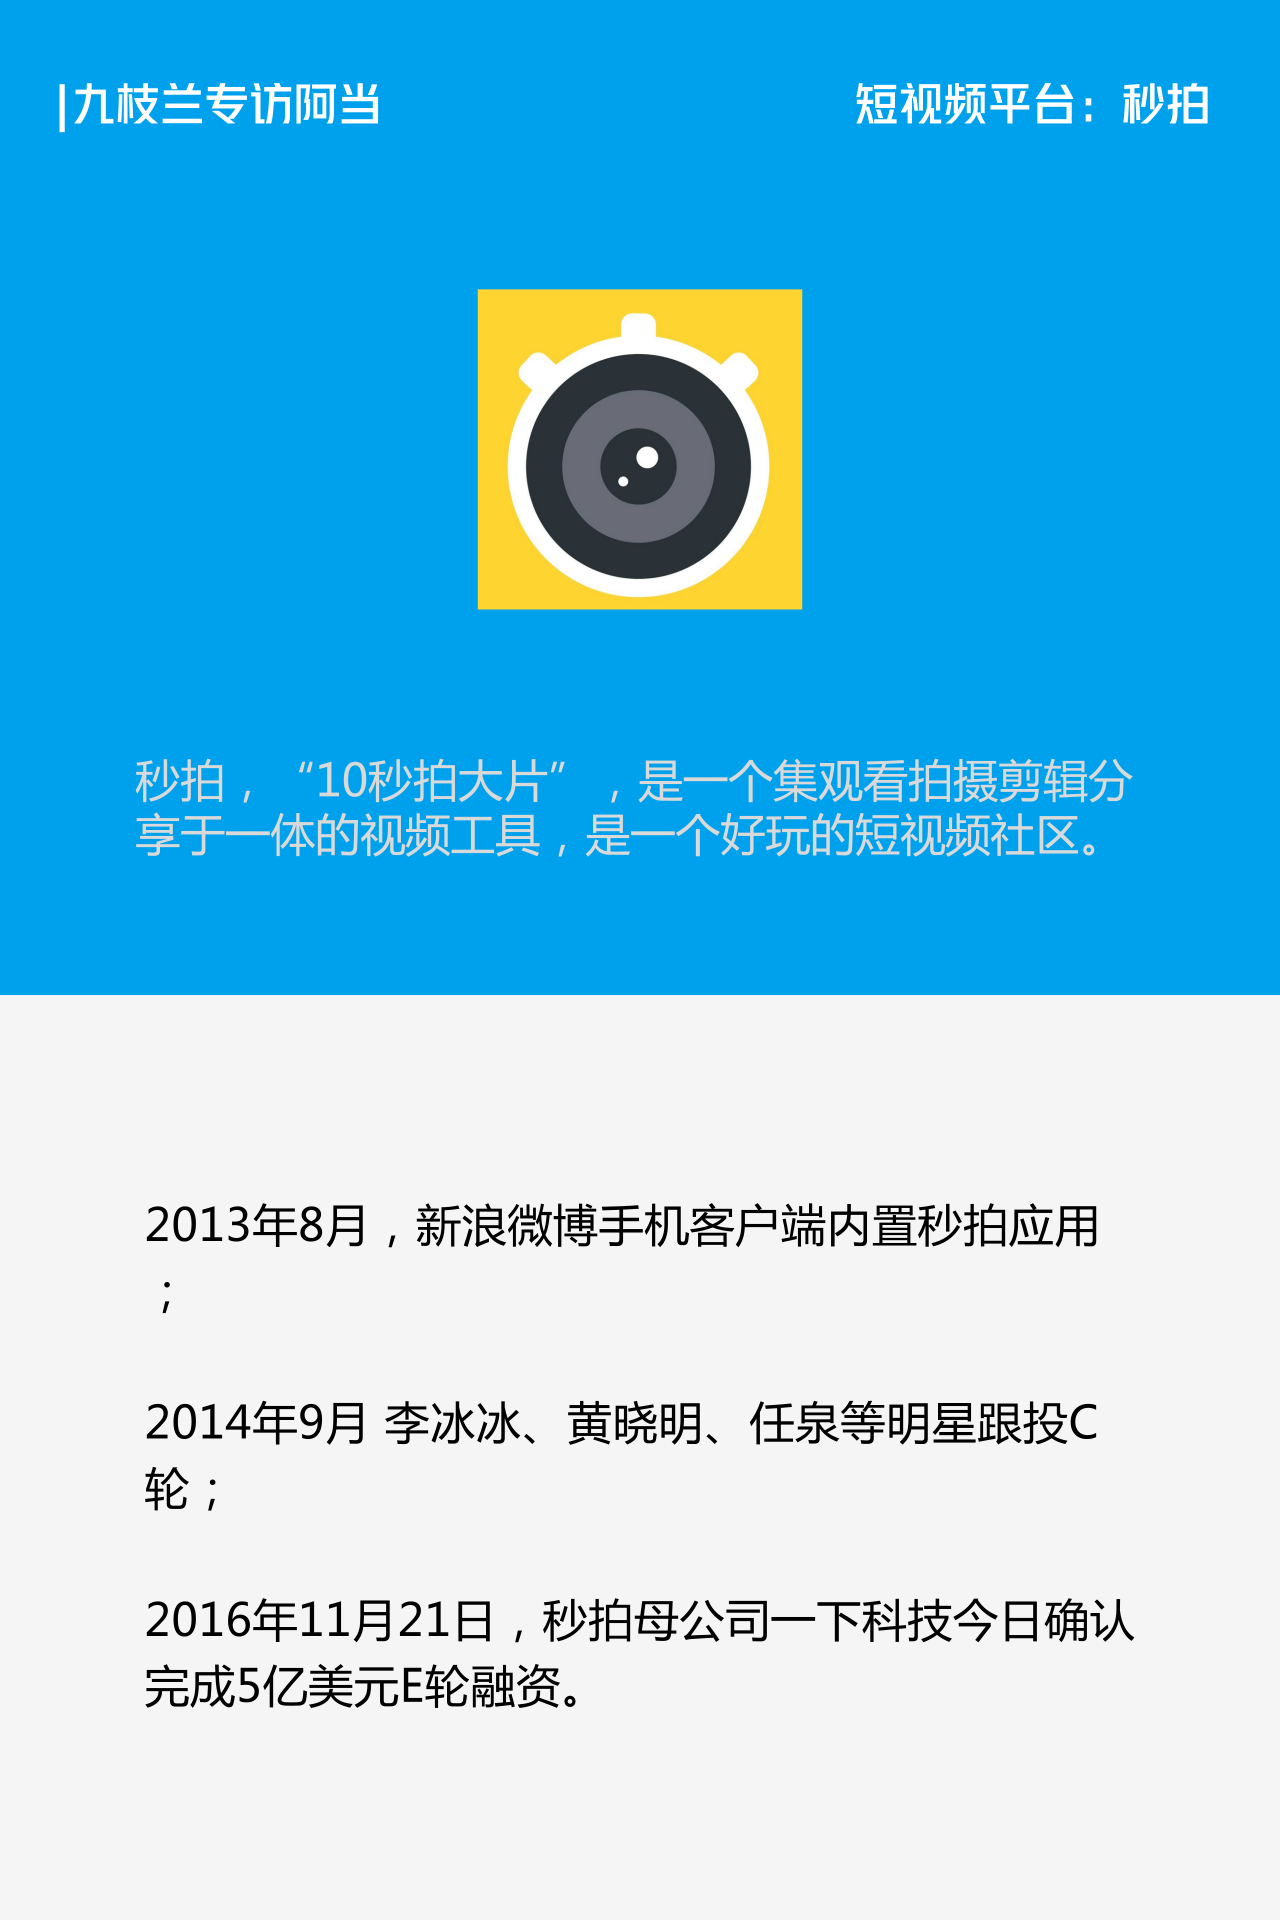 未命名_公众号竖版配图_2018.05.17 (2)